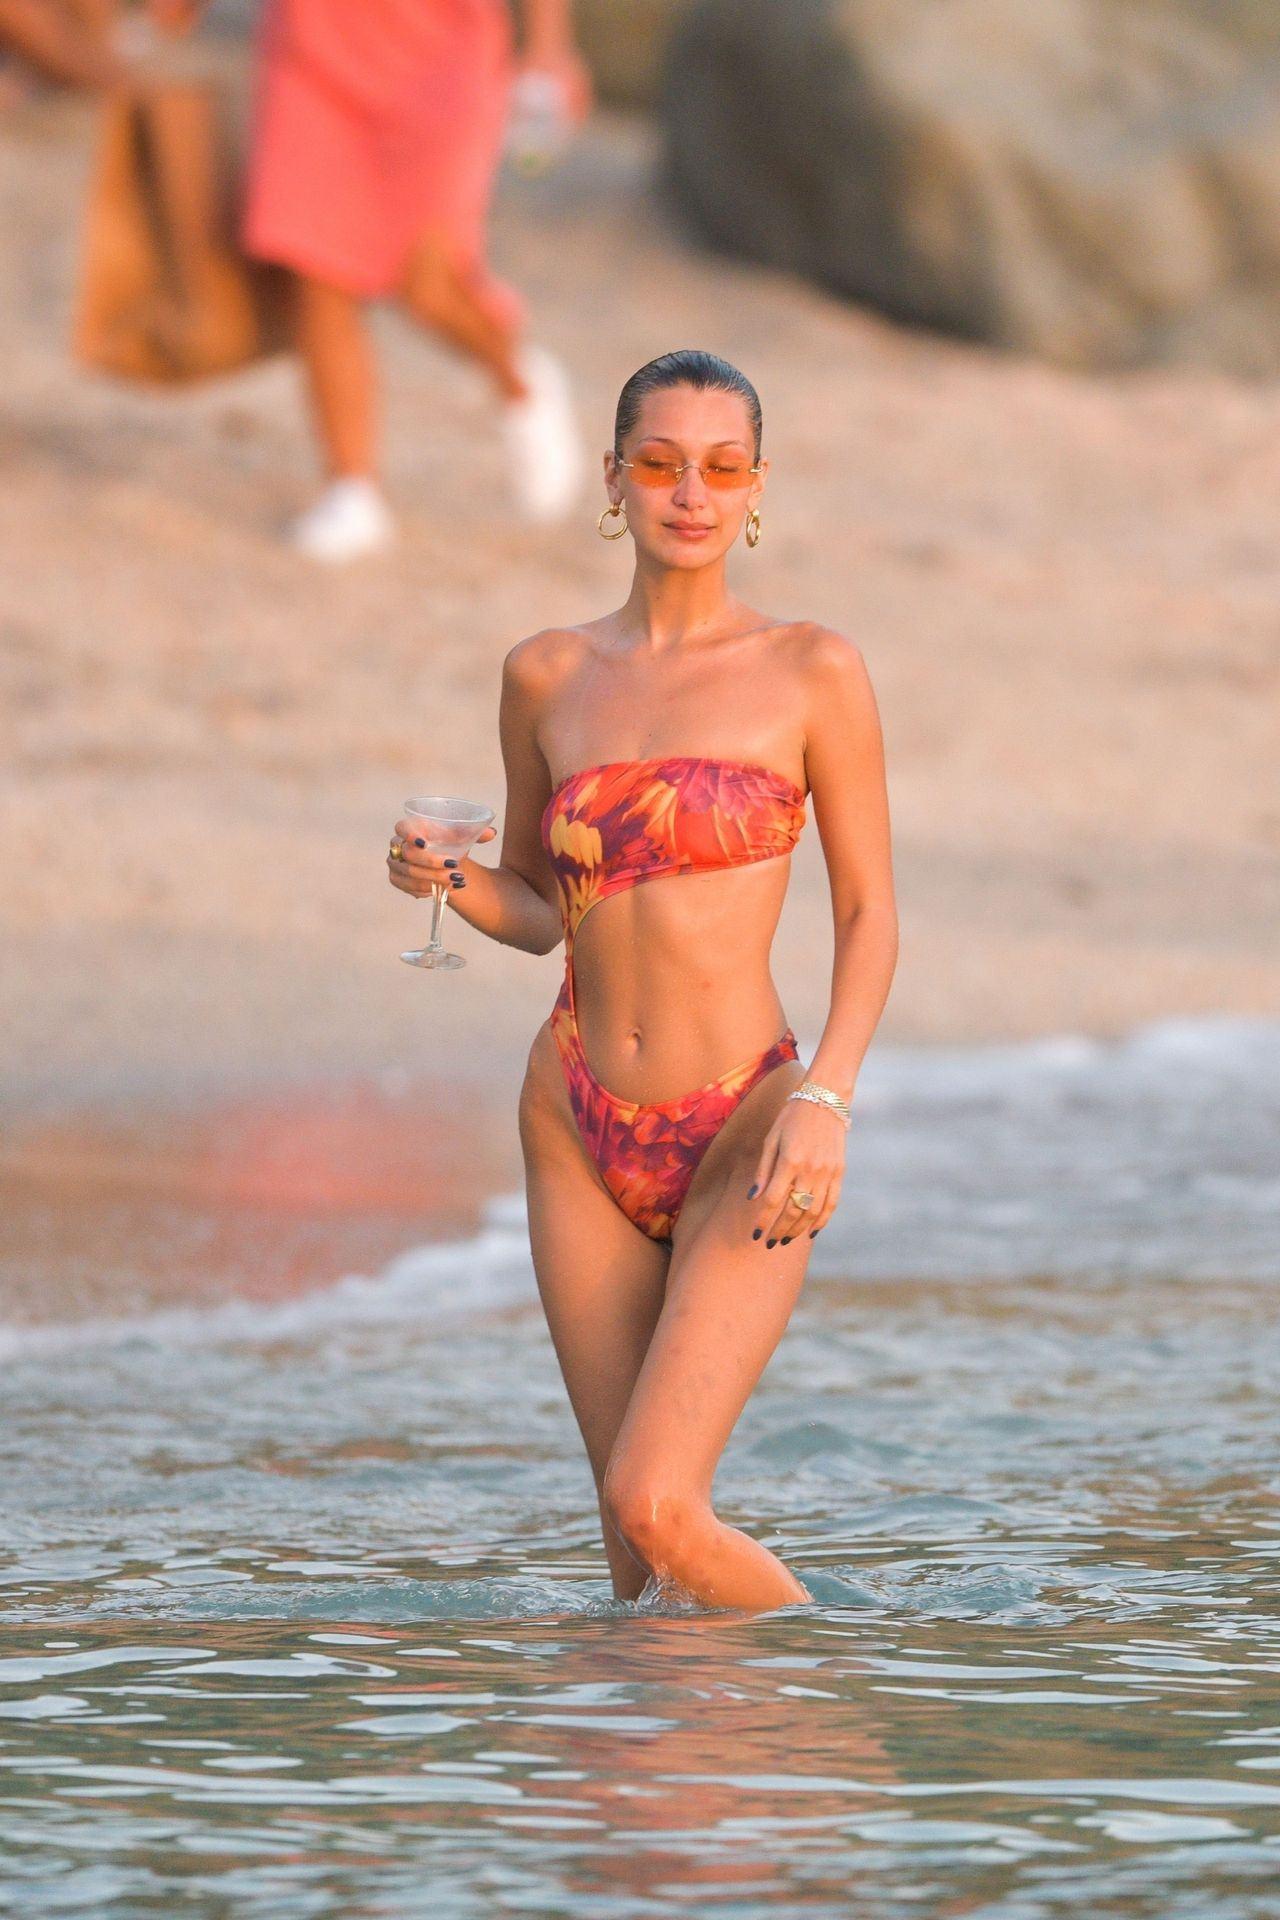 Bella Hadid - Sexy Ass and Underboobs in Bikini on the